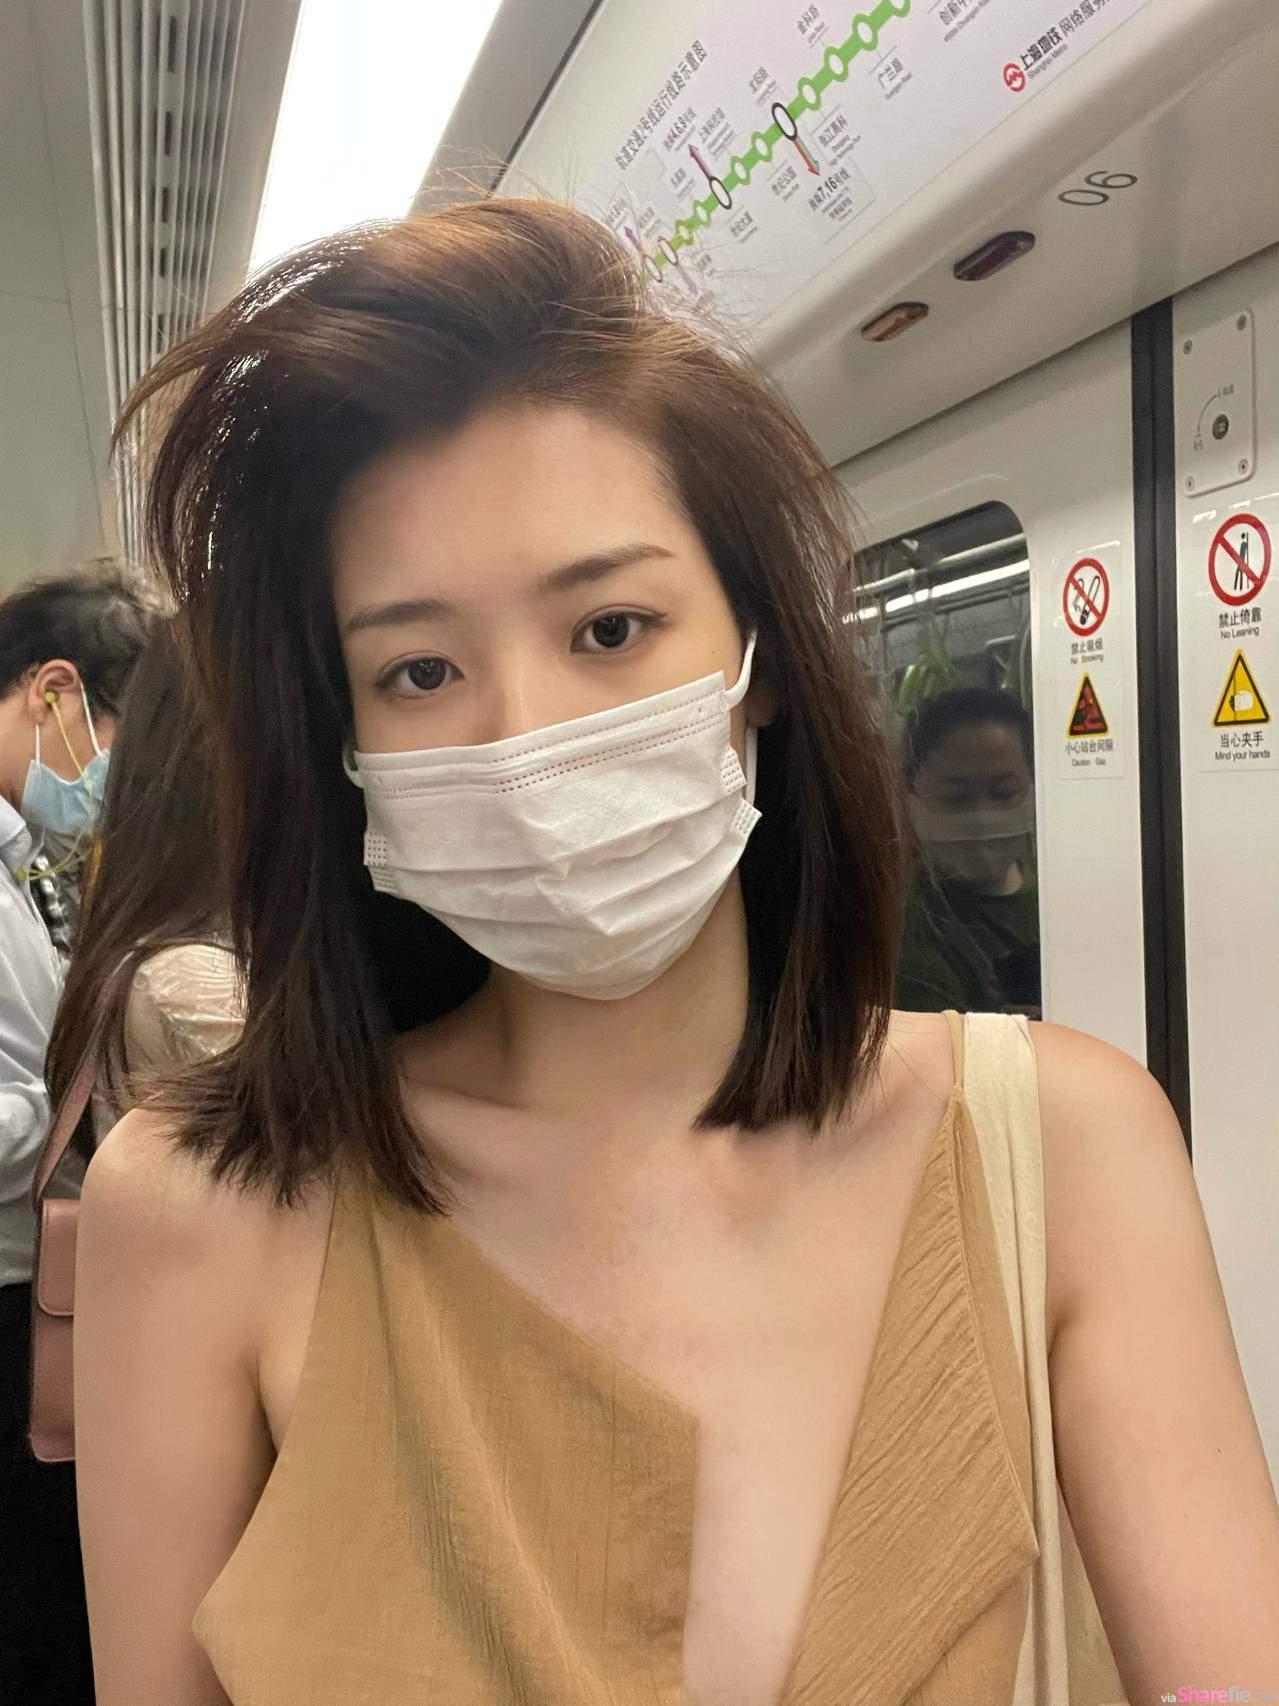 正妹Mia收工後在地鐵美拍,摘下口罩氣質超可以